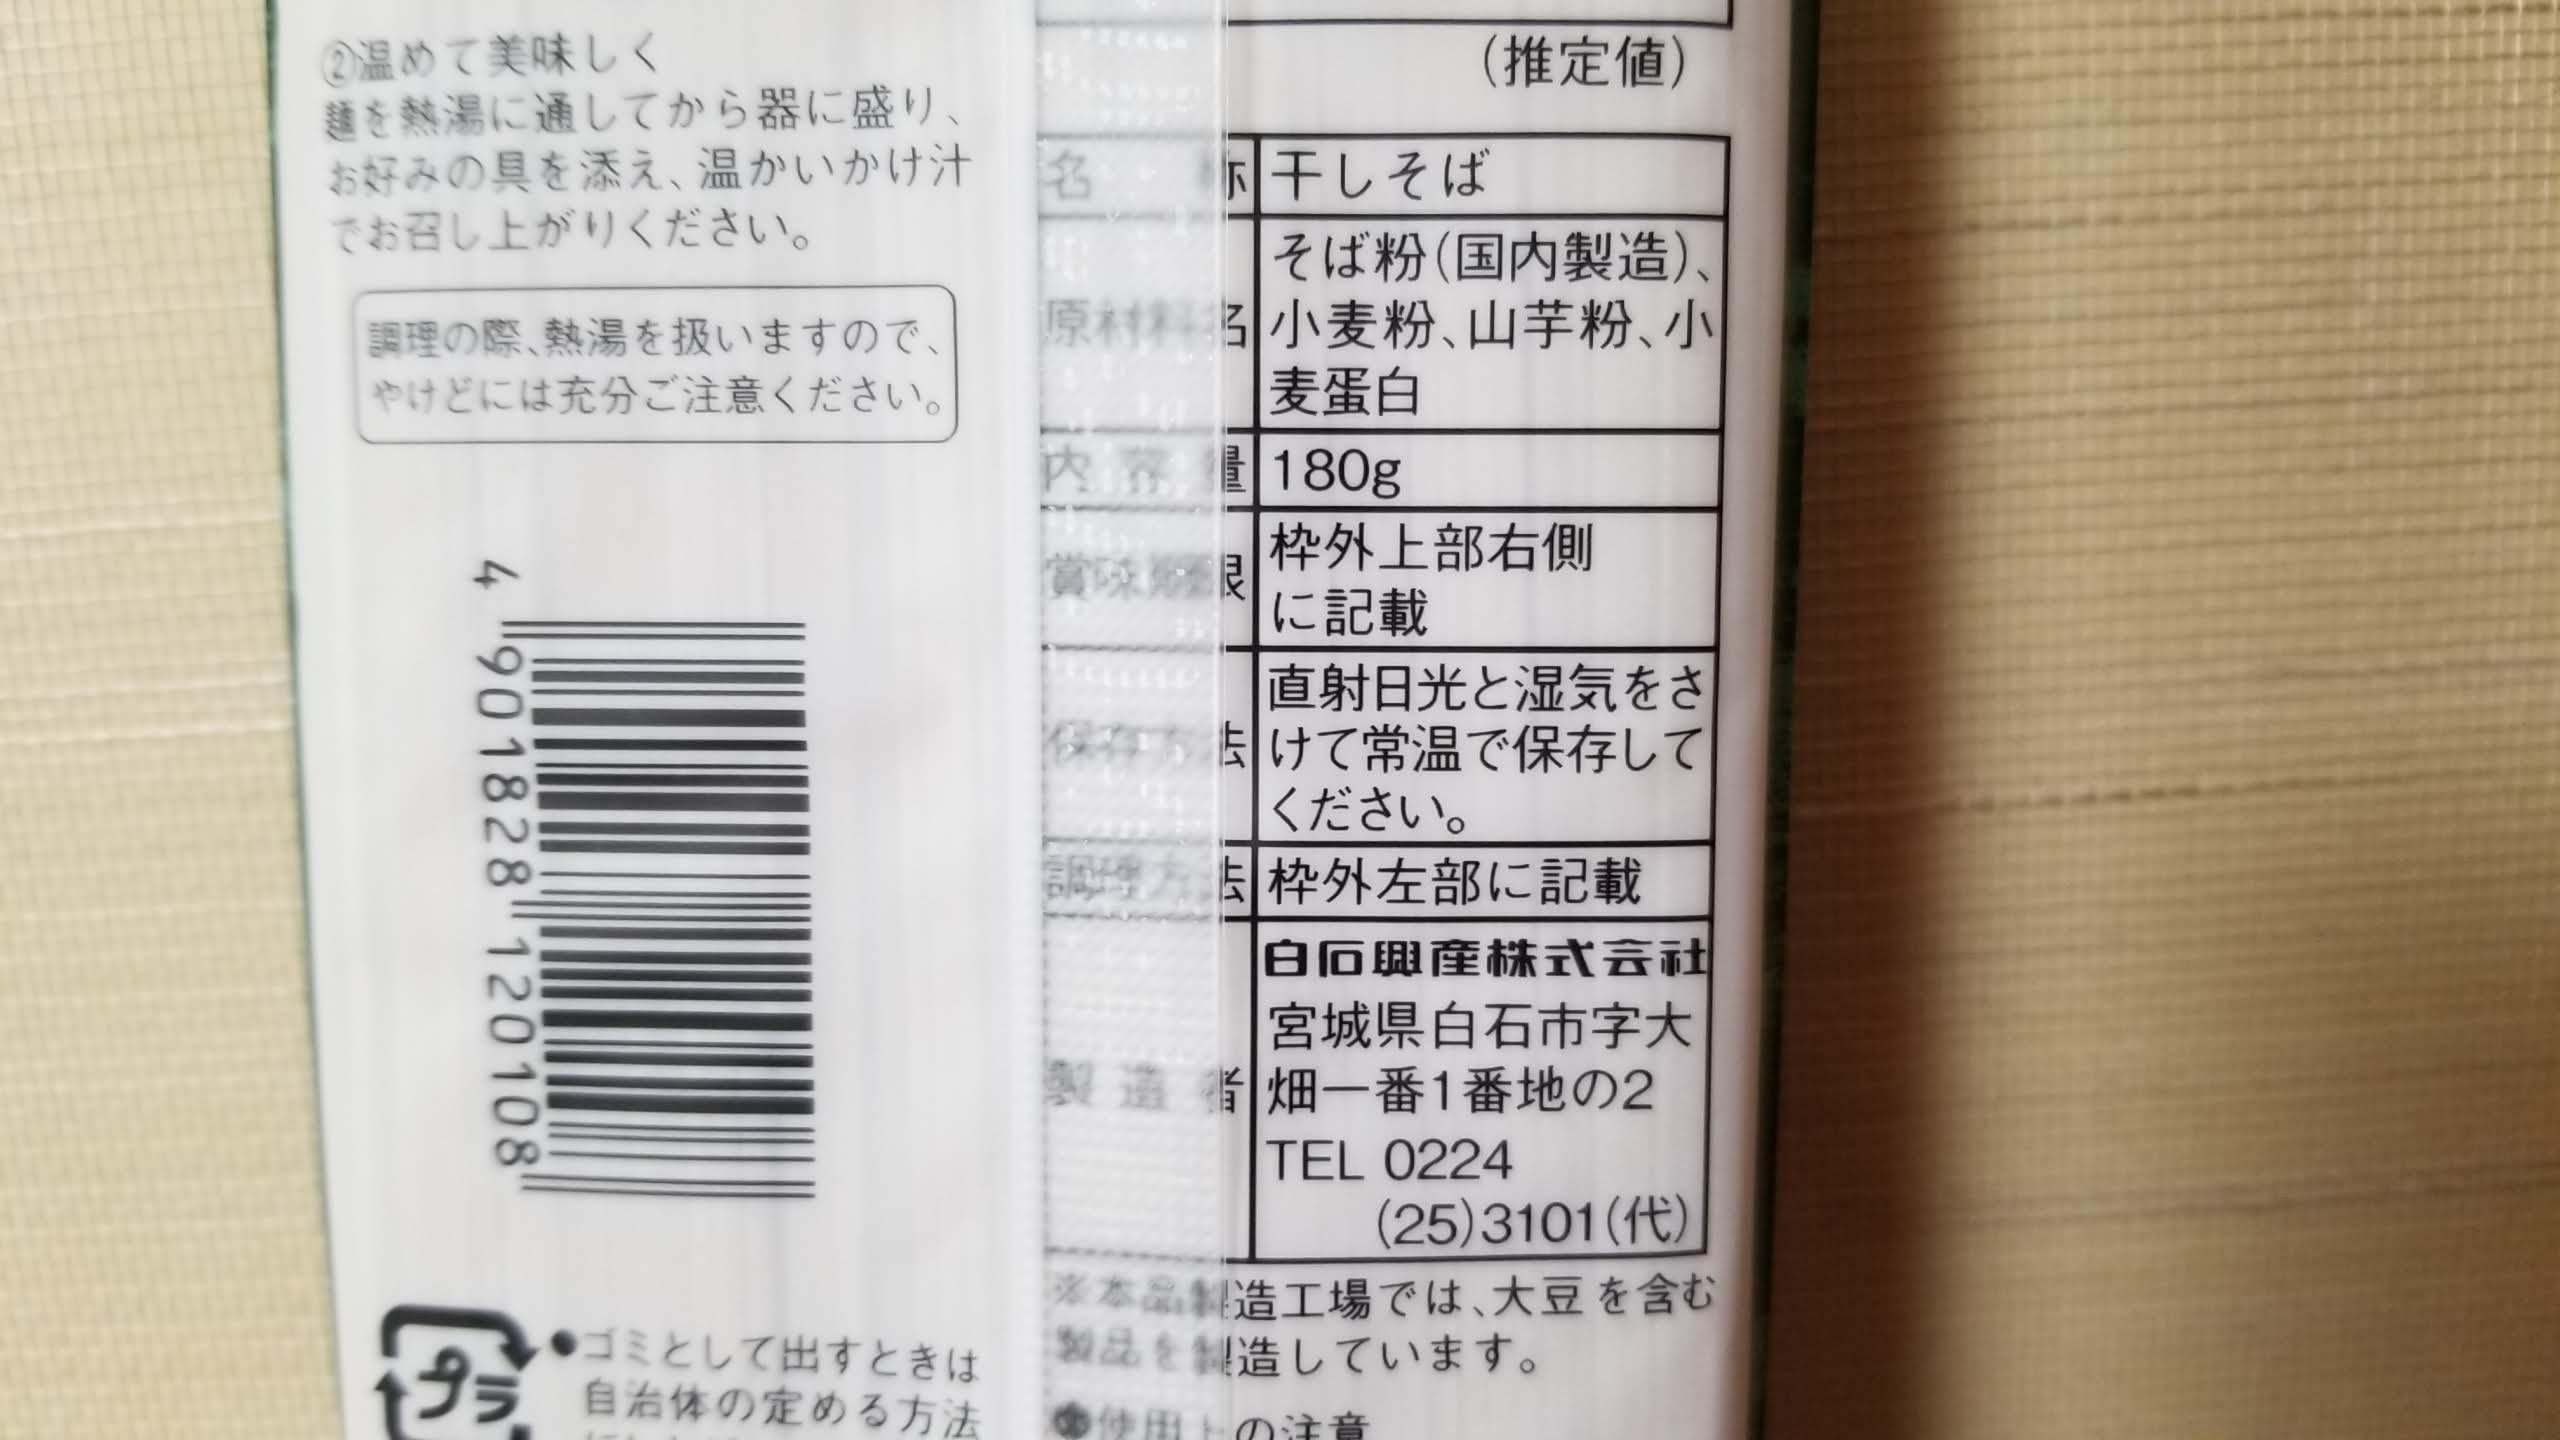 更科五割そば/白石興産_20200424_111608